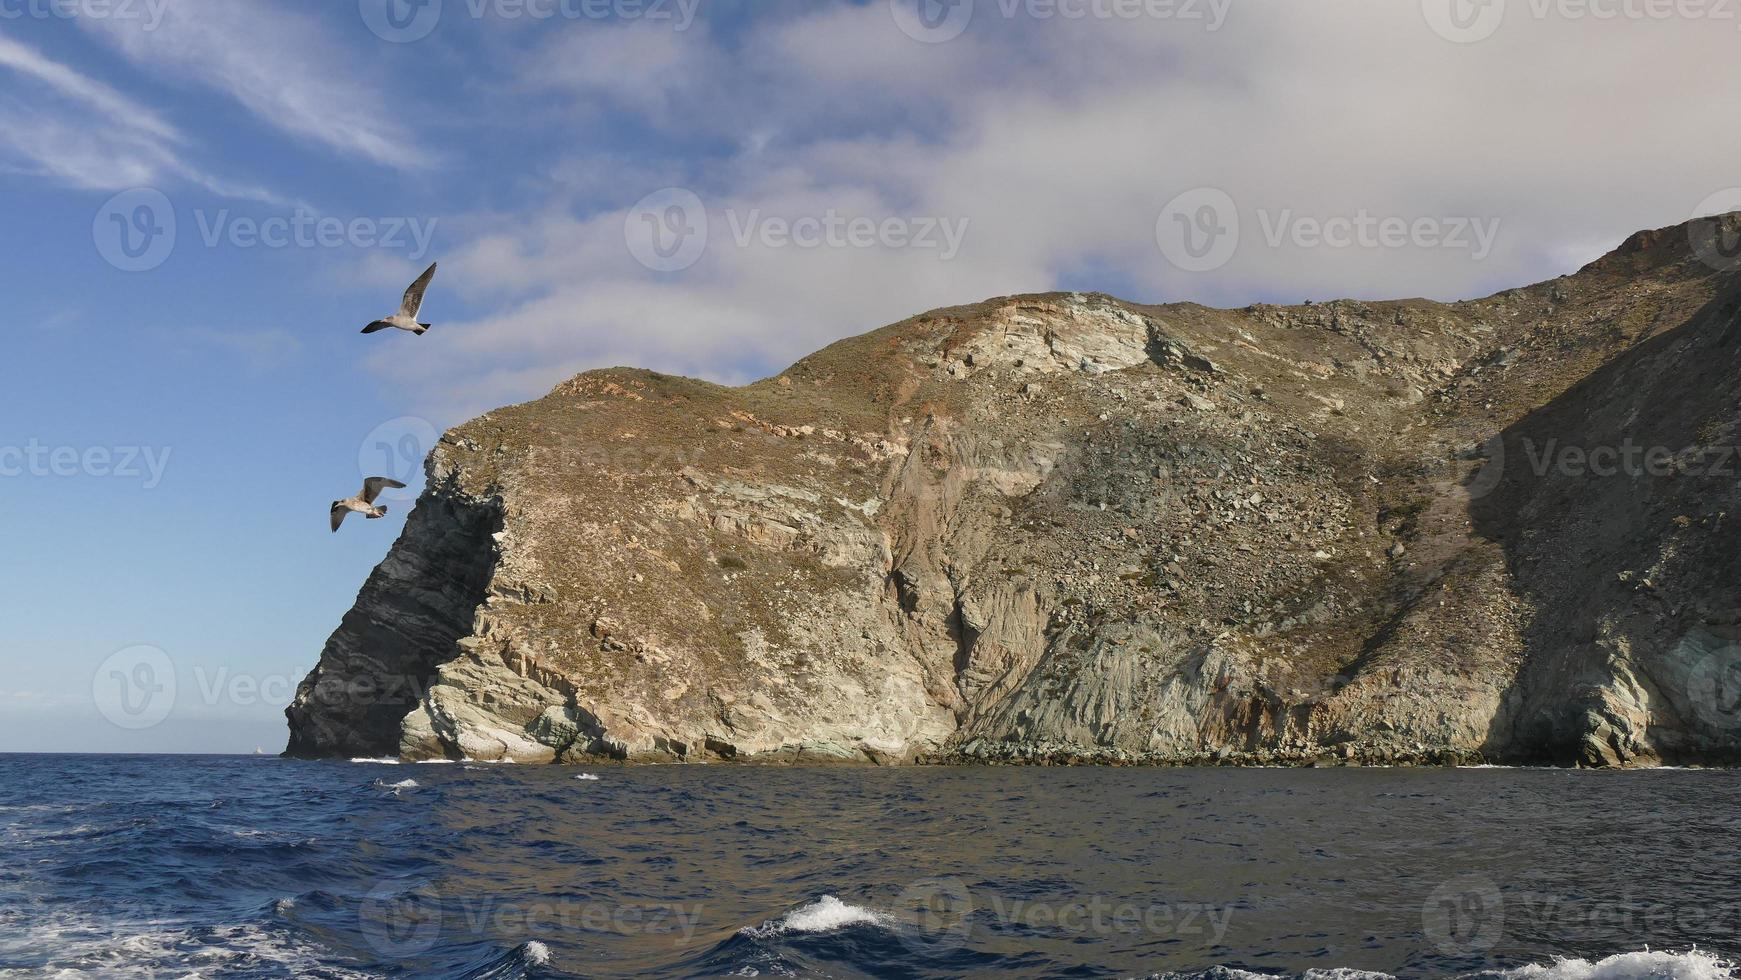 catus bay lado oeste da ilha de catalina. foto